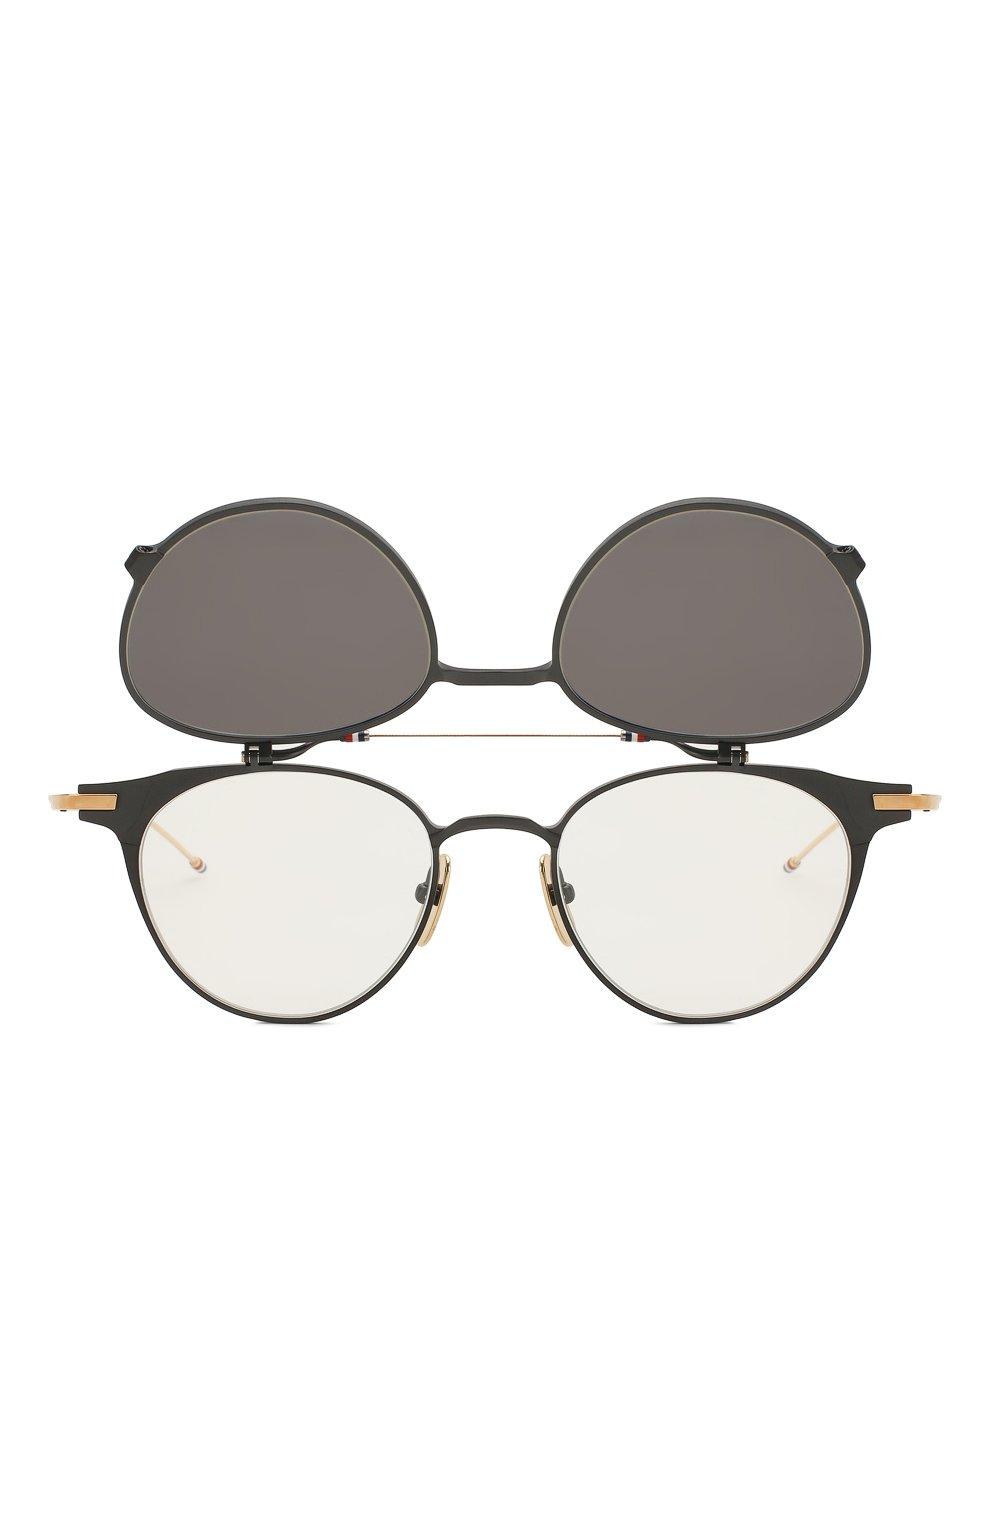 Женские солнцезащитные очки THOM BROWNE серого цвета, арт. TB-814-01 | Фото 6